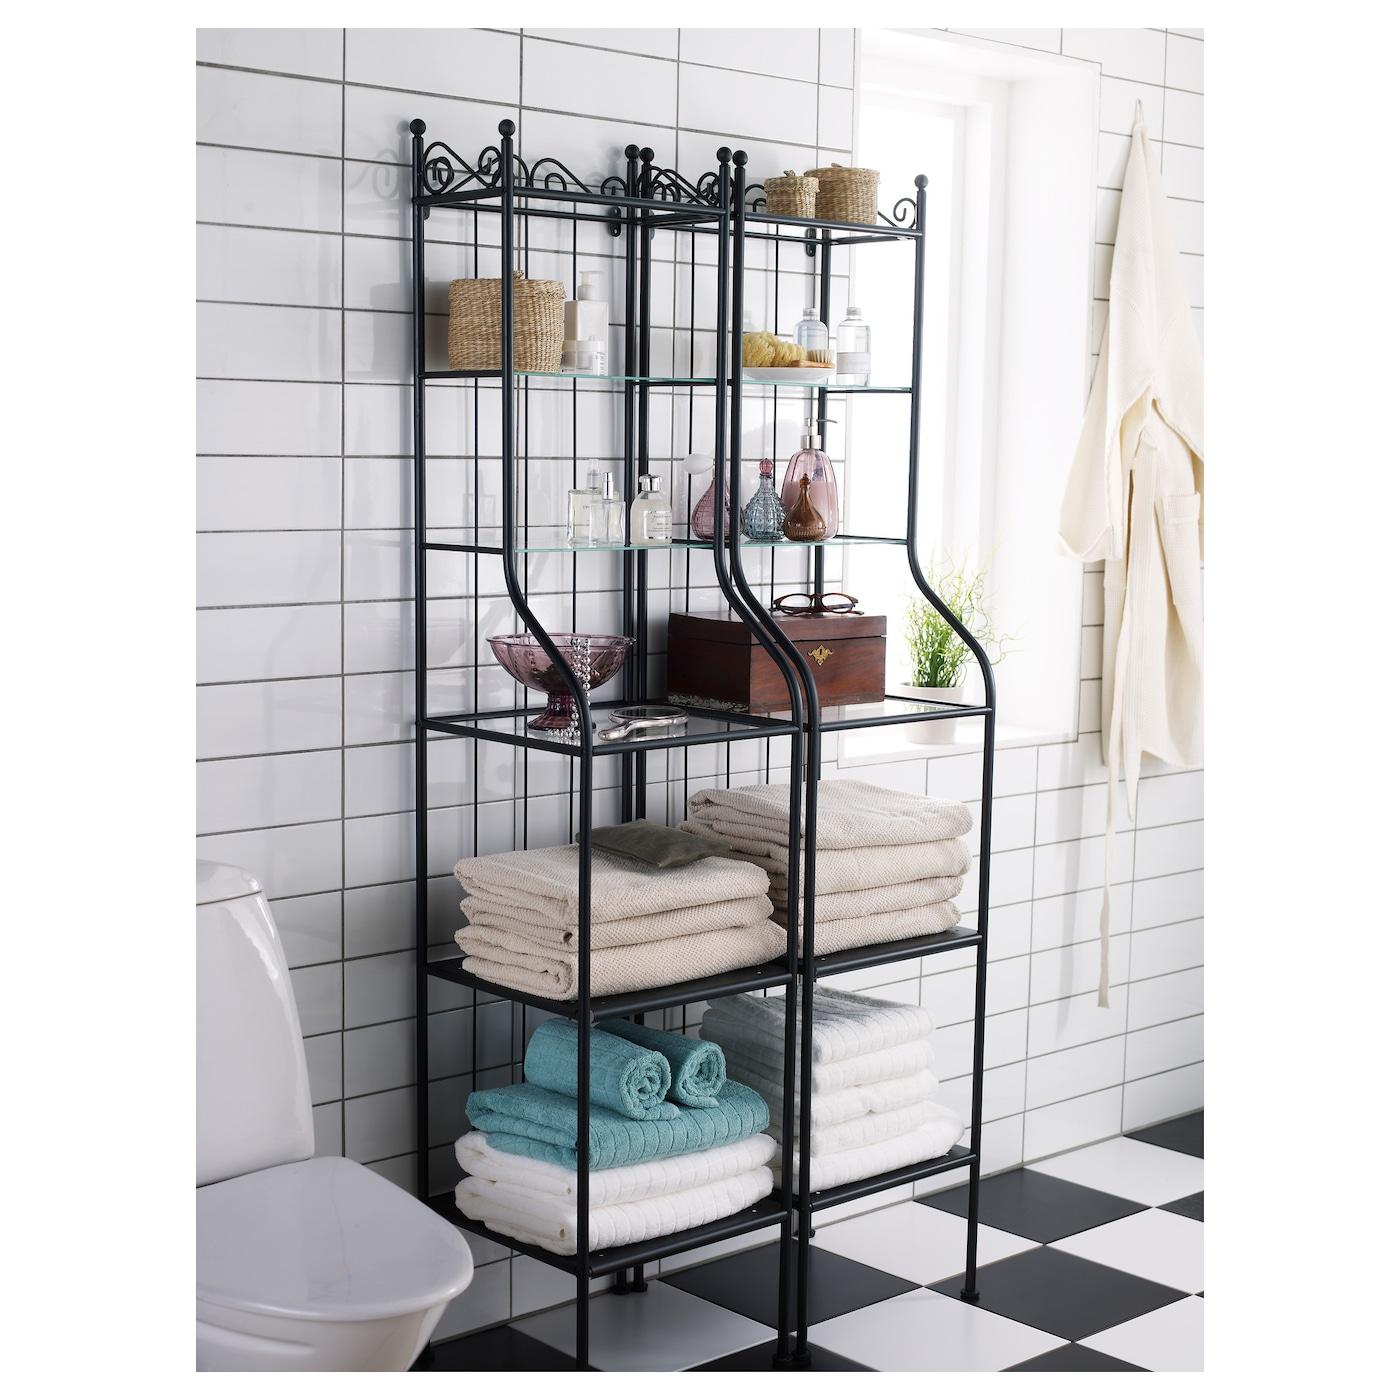 IKEA RNNSKR shelving unit Removable shelves, easy to clean.